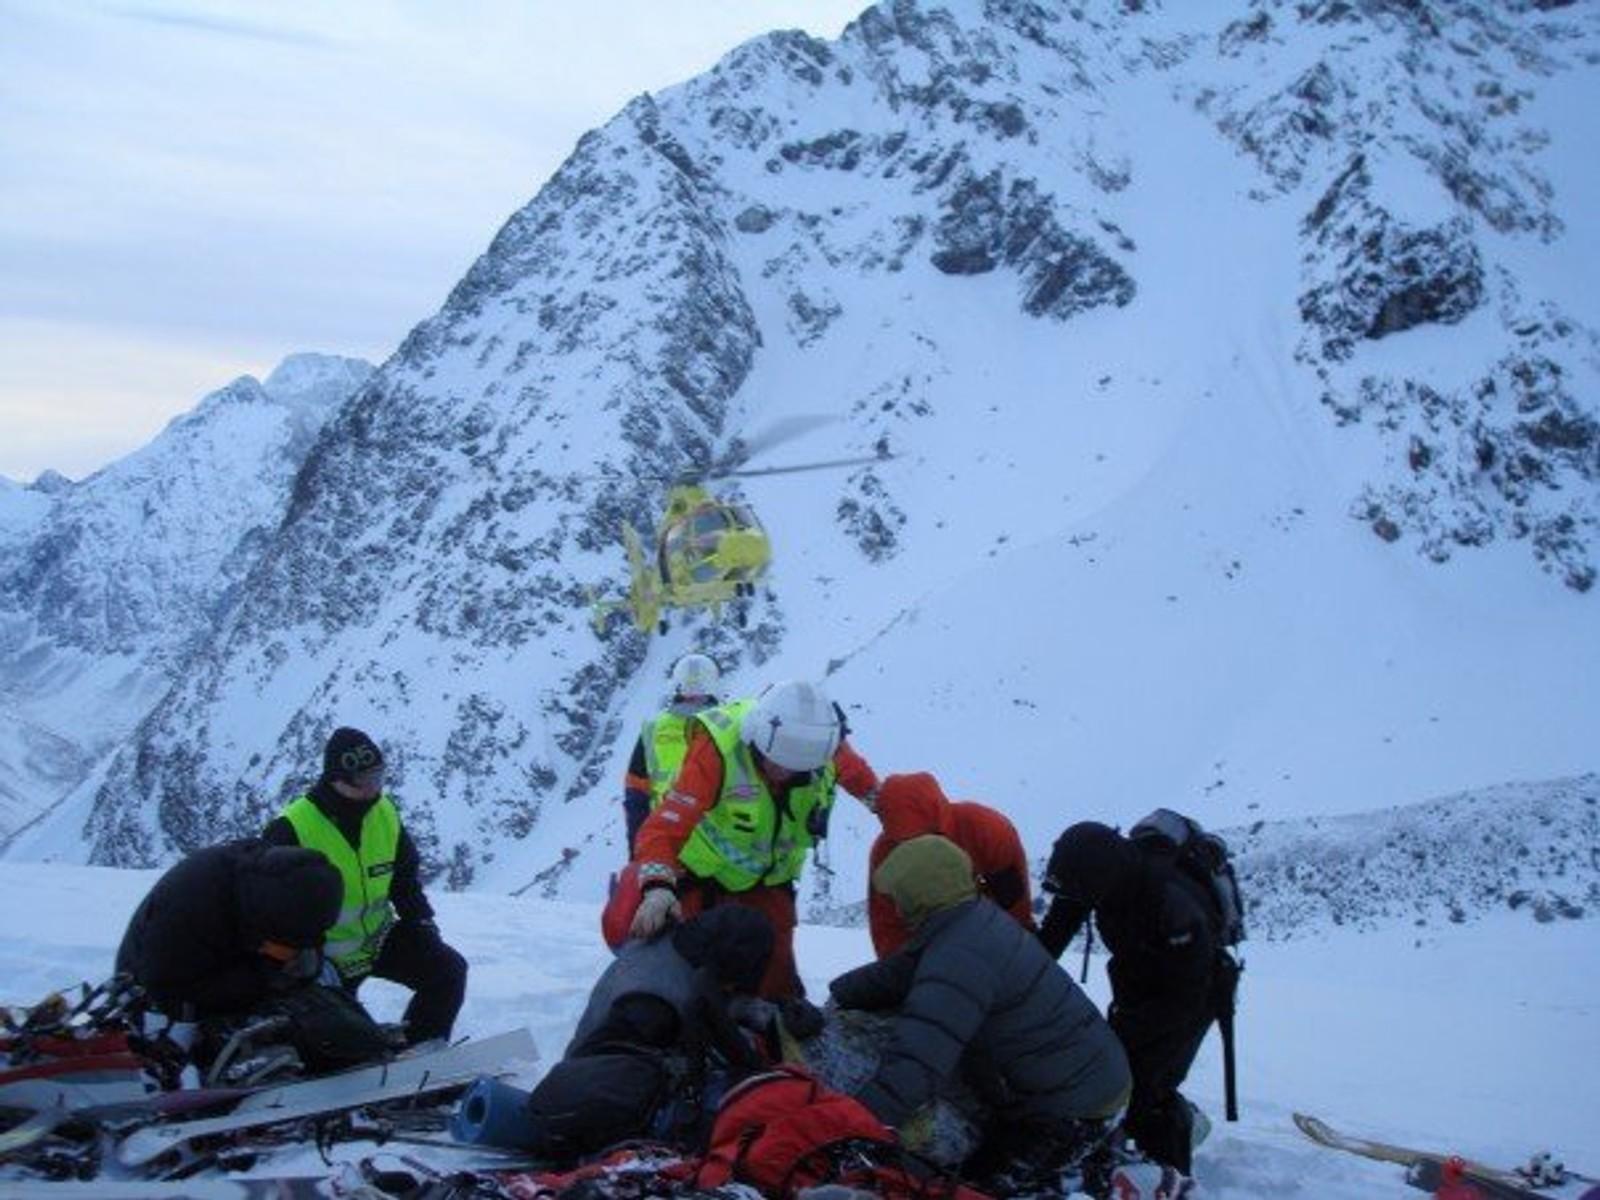 Redningsmannskapene i full gang etter snøskredet 13. oktober 2007.